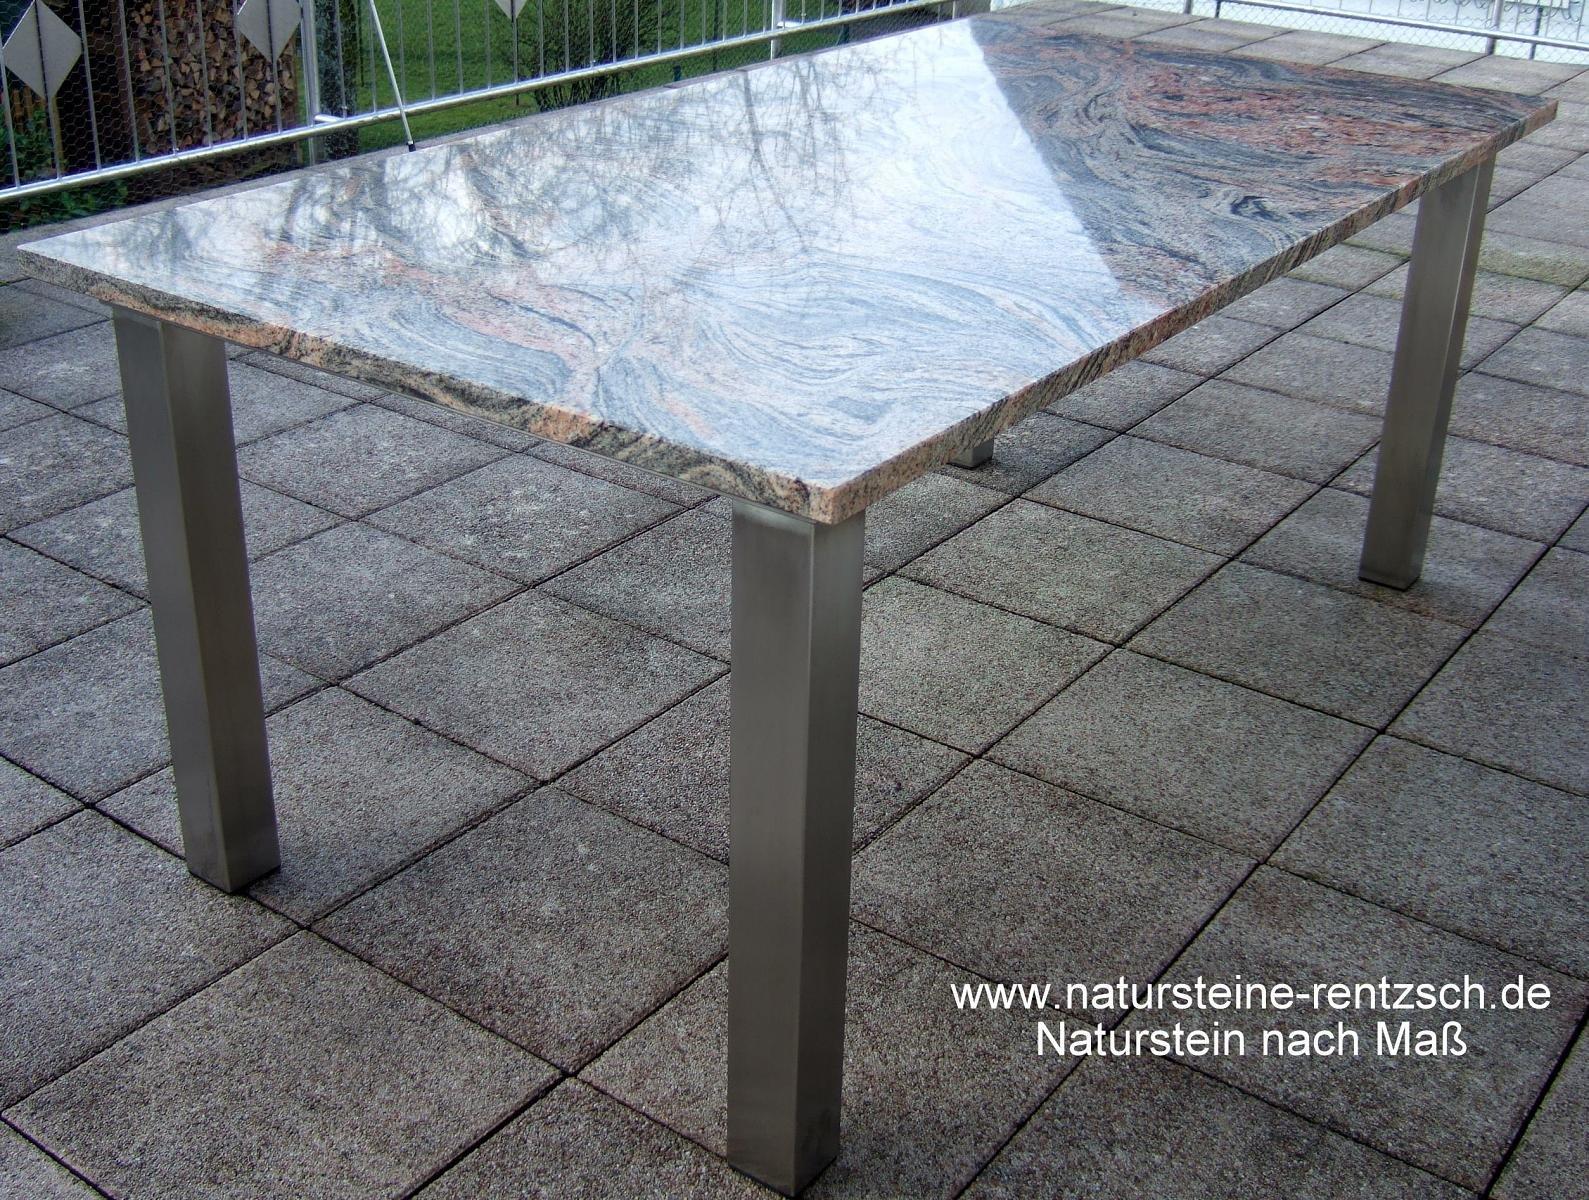 Bild ma gefertigter tisch granit juparana edelstahl for Terrassentisch granit